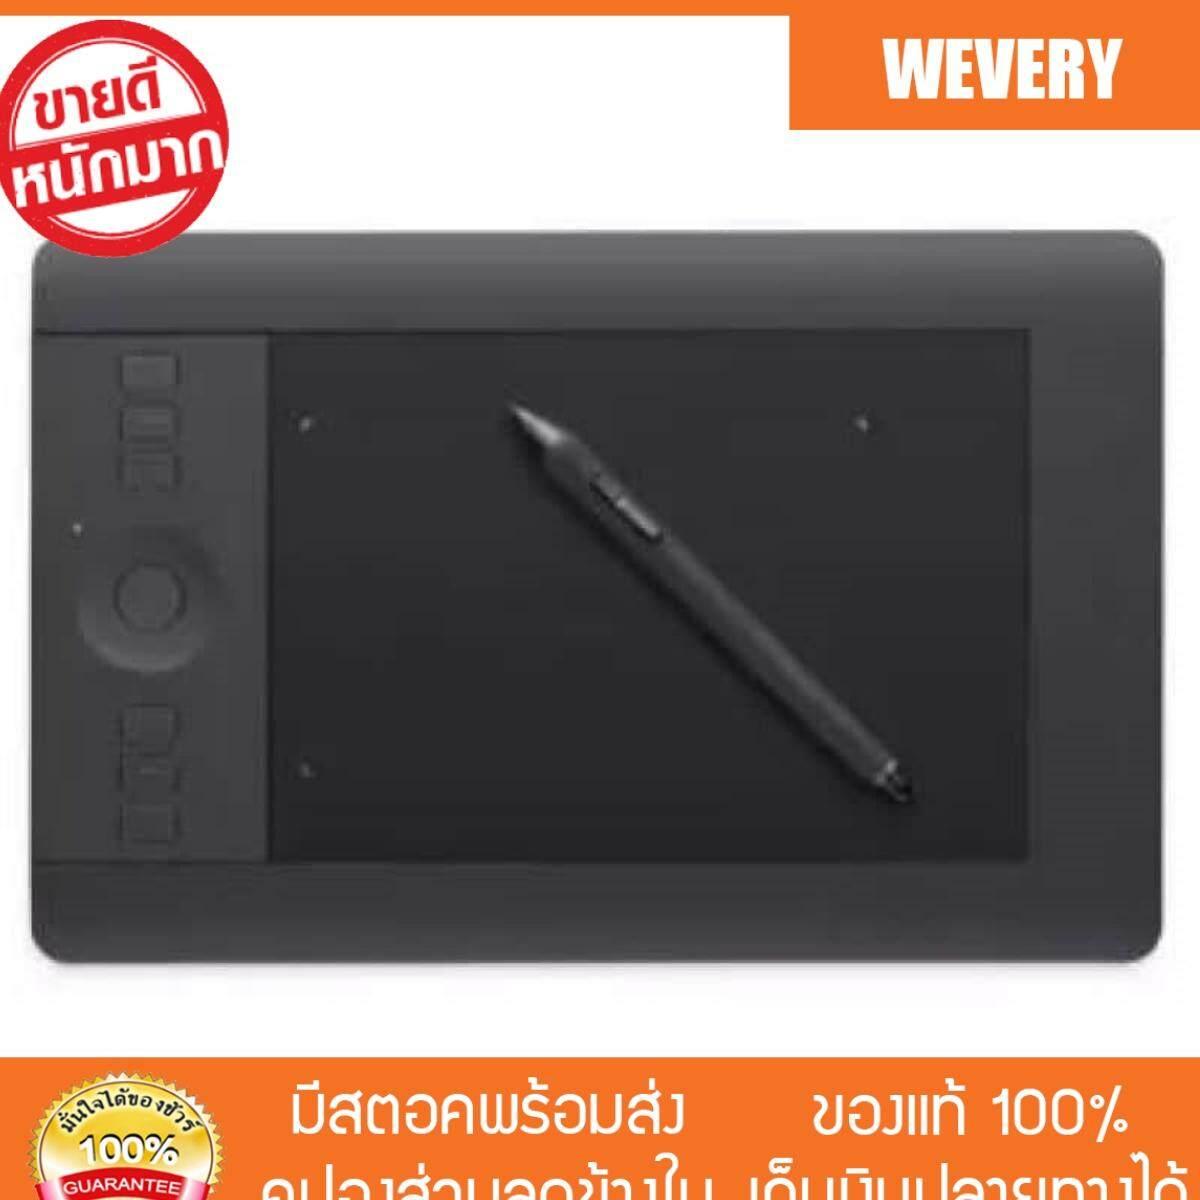 สุดยอดสินค้า!! [Wevery] WACOM Intuos Pro Pen & Touch Small เม้าส์ปากกา เม้าปากกา pen mouse ส่ง Kerry เก็บปลายทางได้